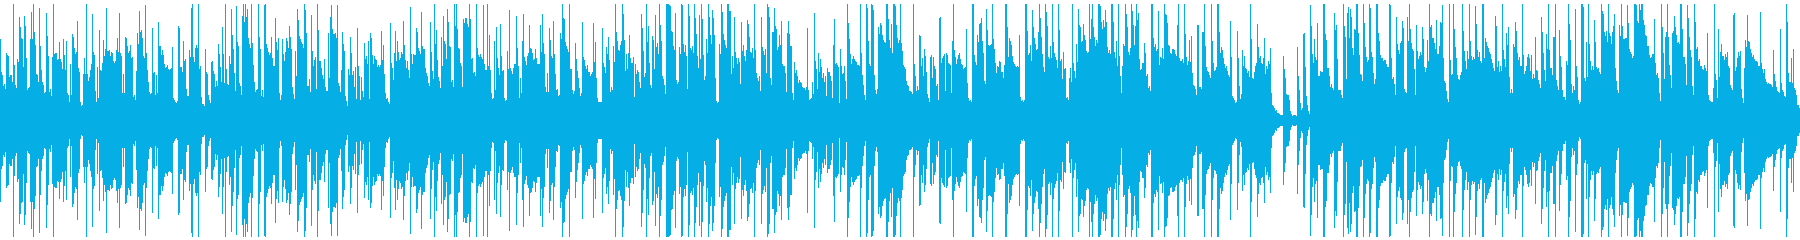 アバター、キャラクター作成用BGMの再生済みの波形